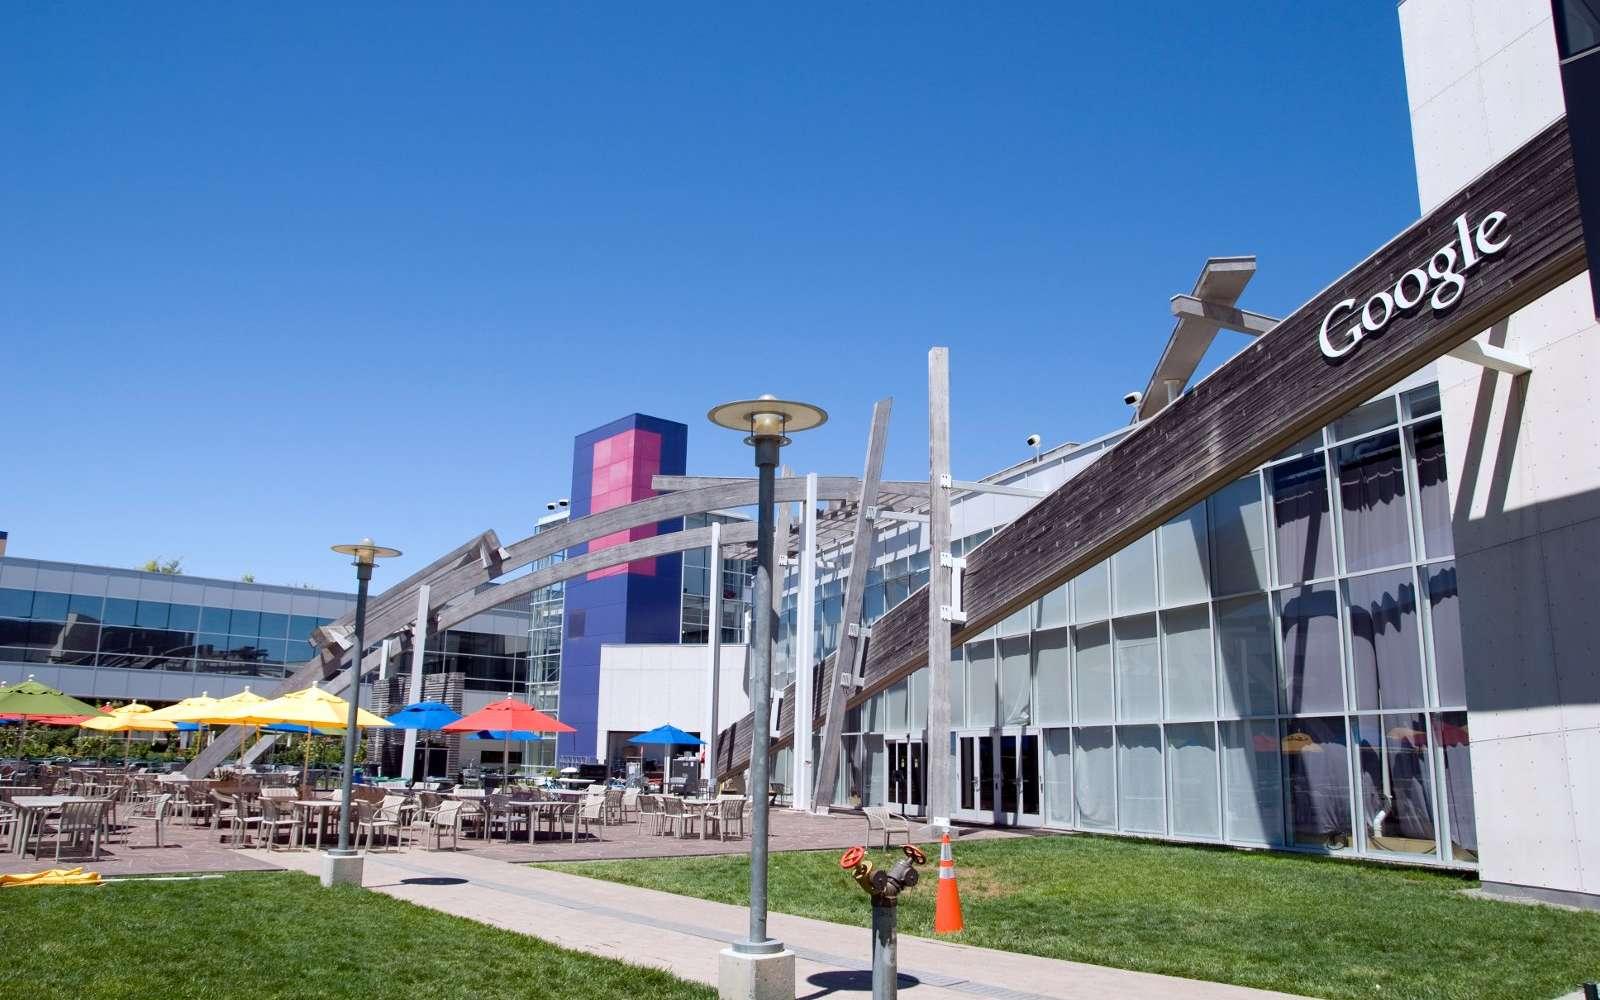 Le fameux siège Googleplex situé à Santa Clara. (CC) gholzer